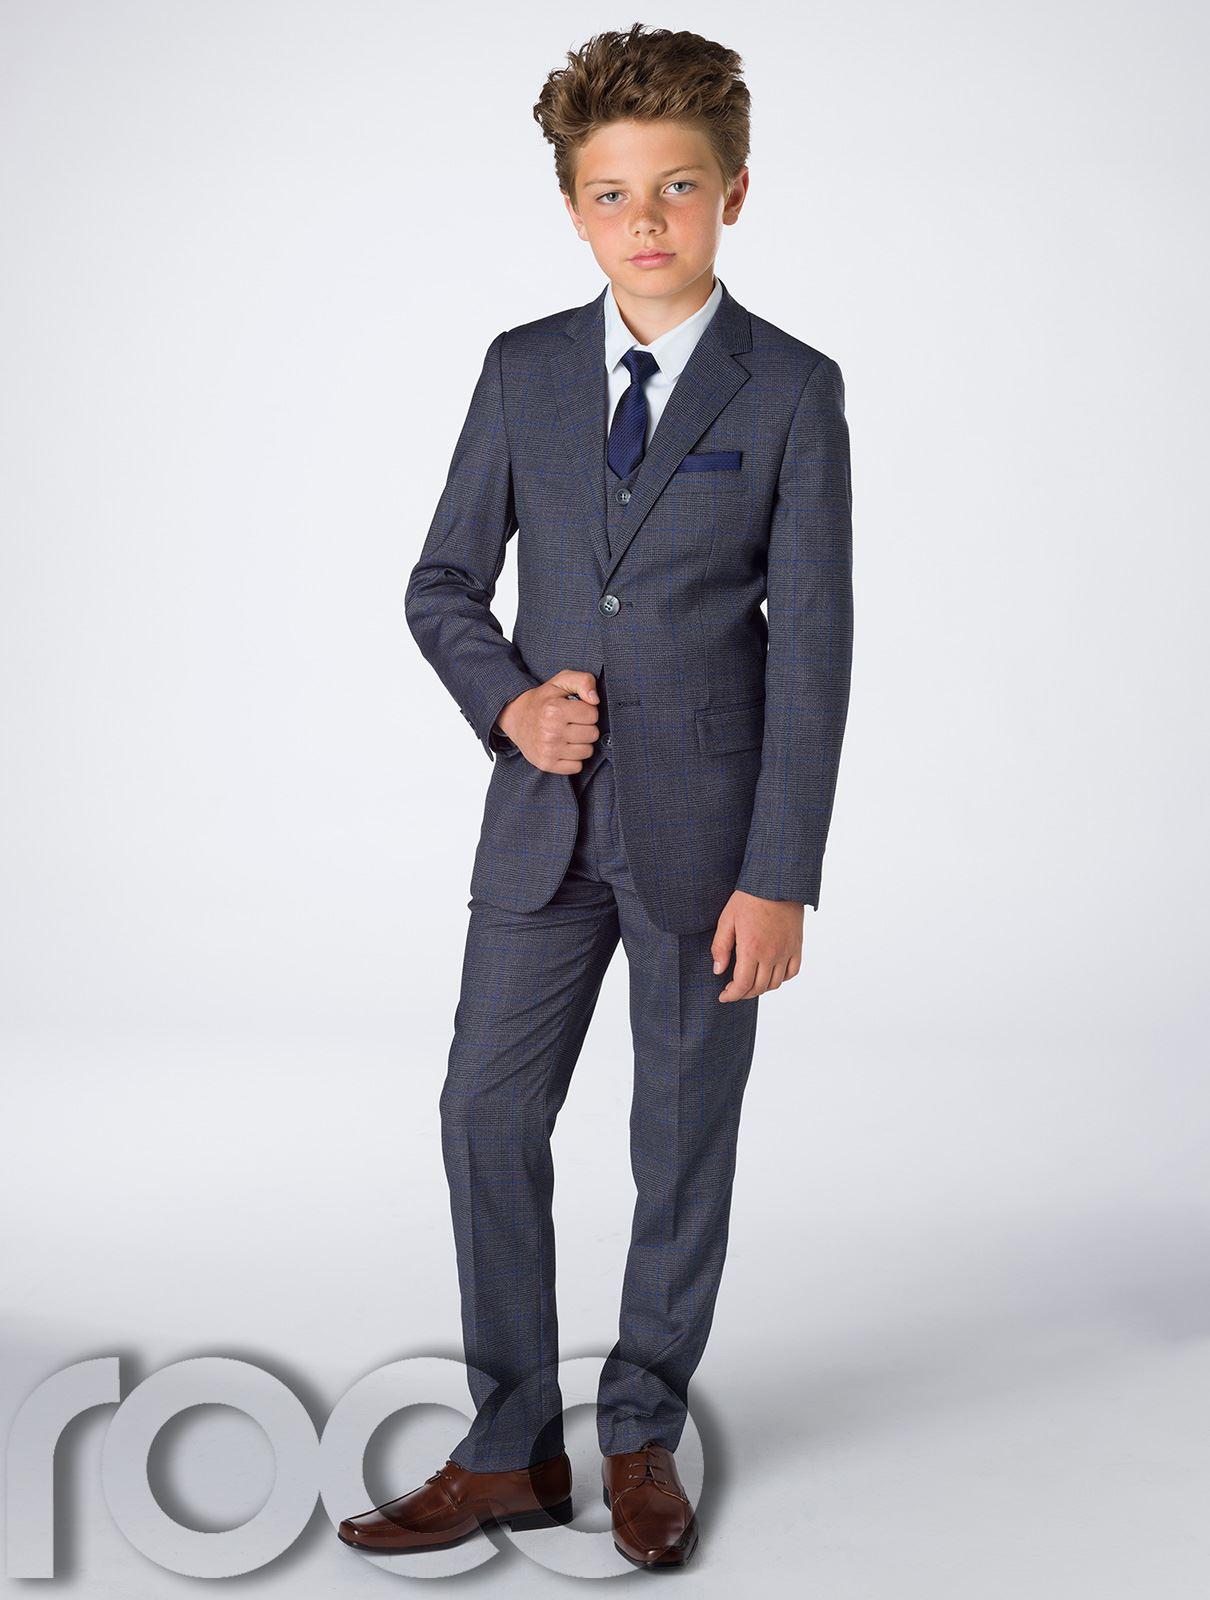 Garcons-bleu-marine-suit-garcons-gris-suit-garcons-carreaux-costume-slim-fit-costume-page-boy miniature 3